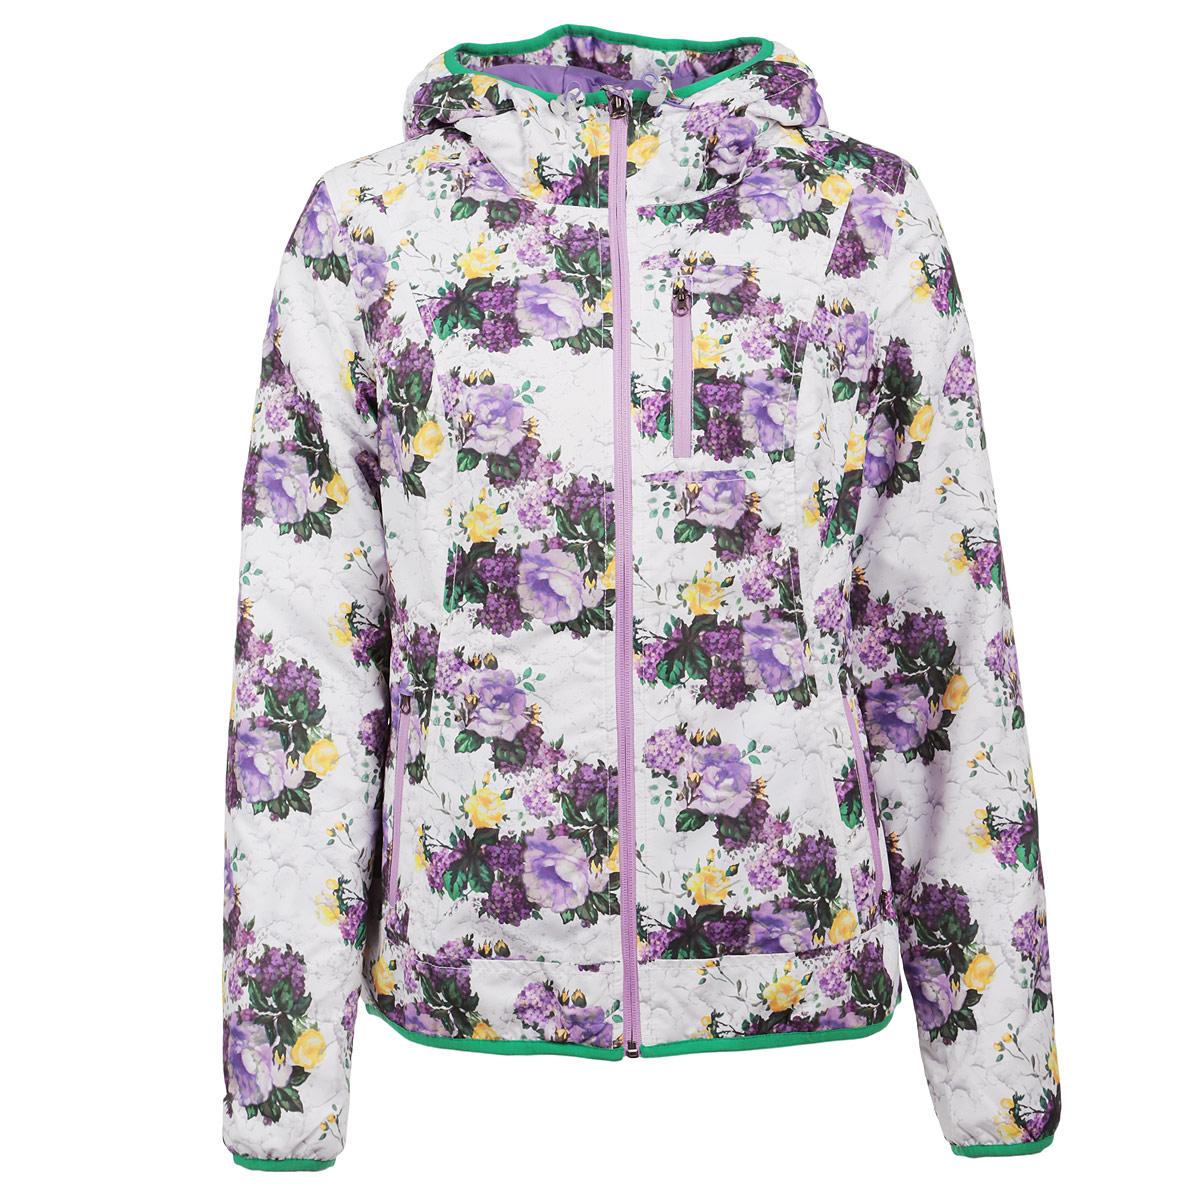 B035303Женская стеганая куртка Baon отлично подойдет для прохладной погоды. Куртка выполнена из непродуваемого материала с утеплителем из синтепона. Модель прямого кроя с капюшоном на кулиске, застегивается на молнию. Куртка оформлена цветочным принтом и дополнена боковыми карманами на молниях и вшитым нагрудным кармашком на застежке-молнии. Эта модная куртка послужит отличным дополнением к вашему гардеробу!